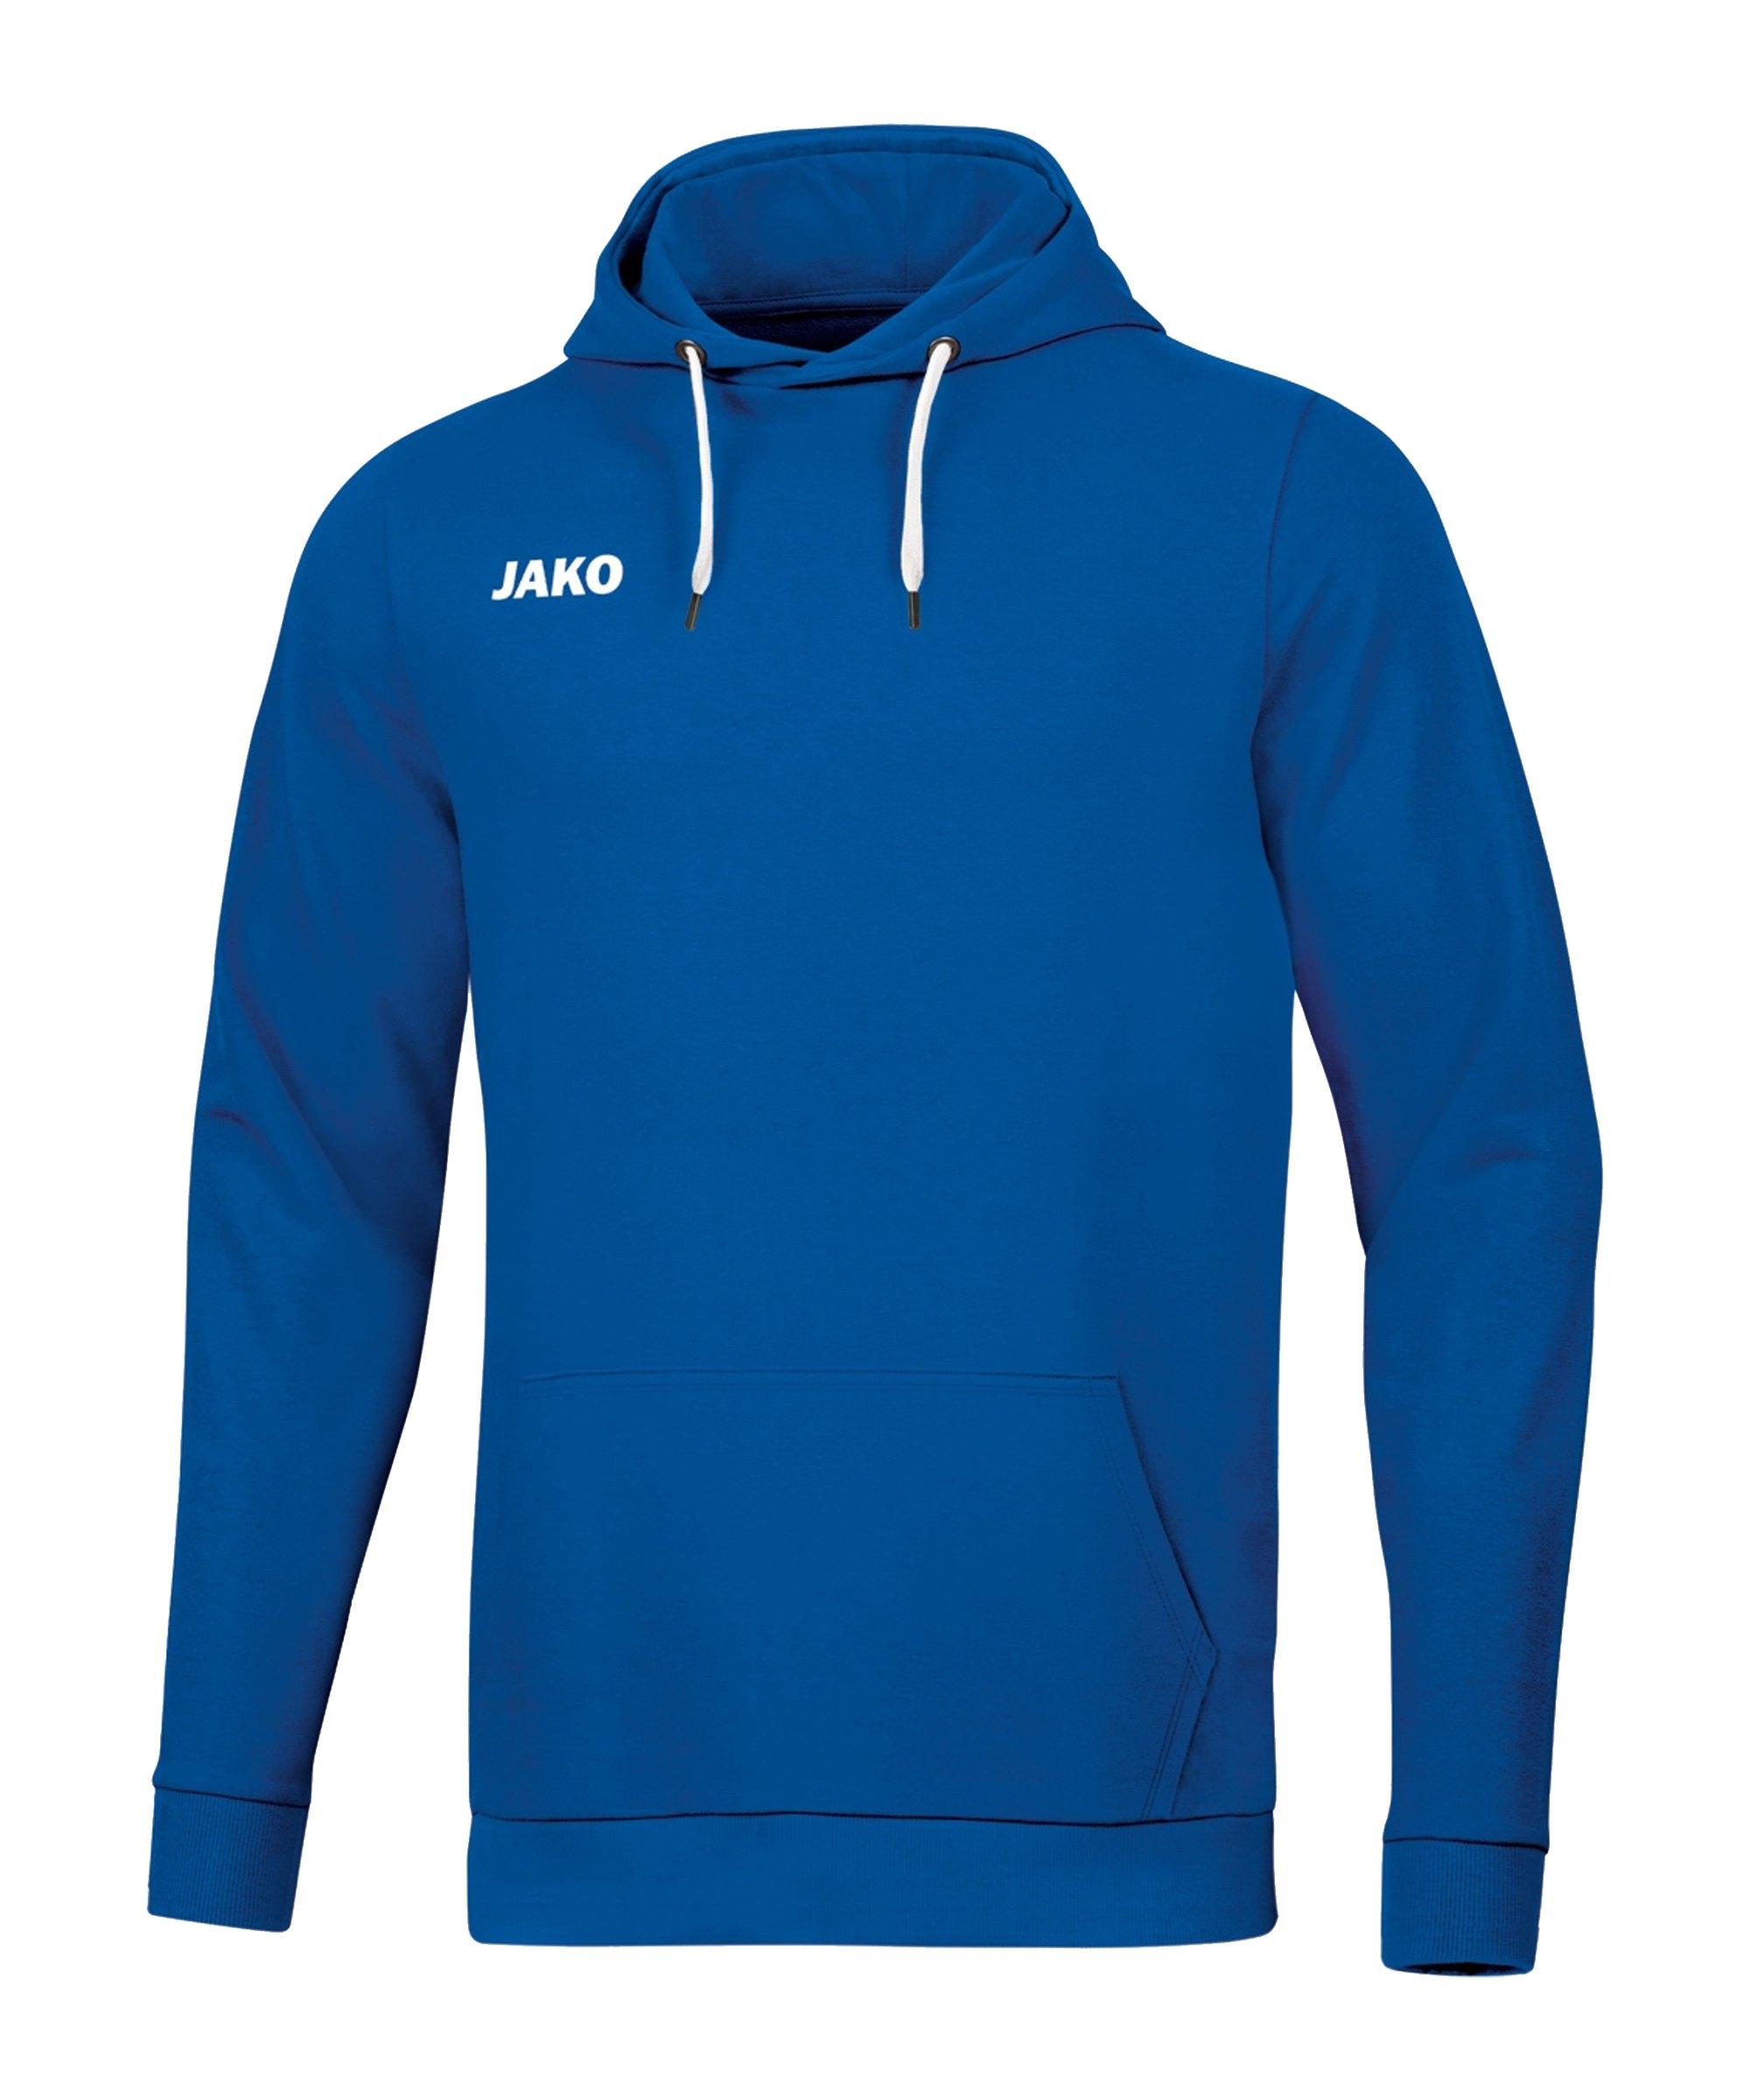 JAKO Base Hoody Kids Blau F04 - blau